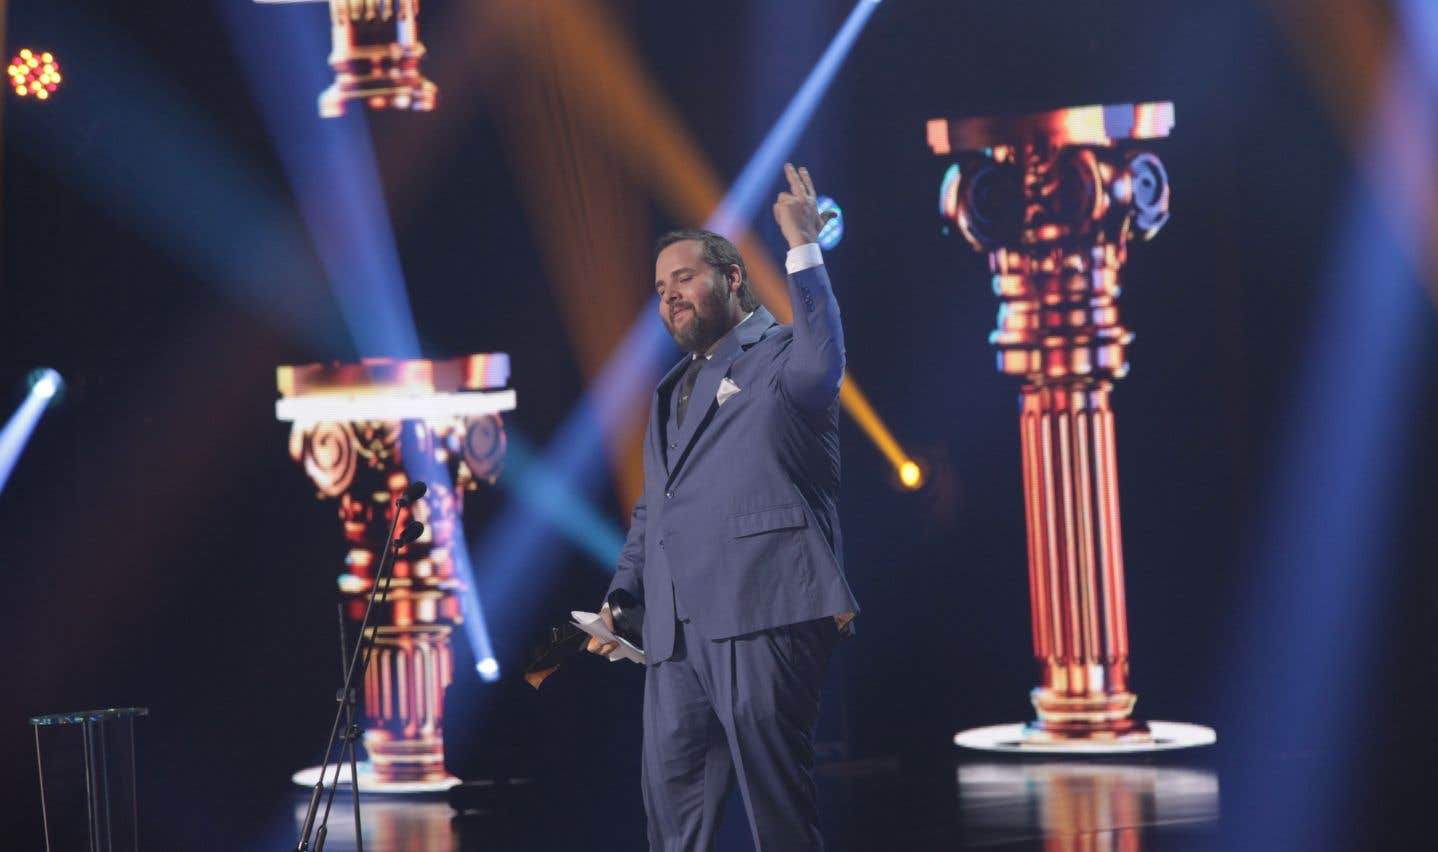 Antoine Bertrand a été récompensé par le prix du meilleur premier rôle masculin dans une comédie pour son rôle dans «Boomerang». Il a livré ses remerciements en alexandrins.